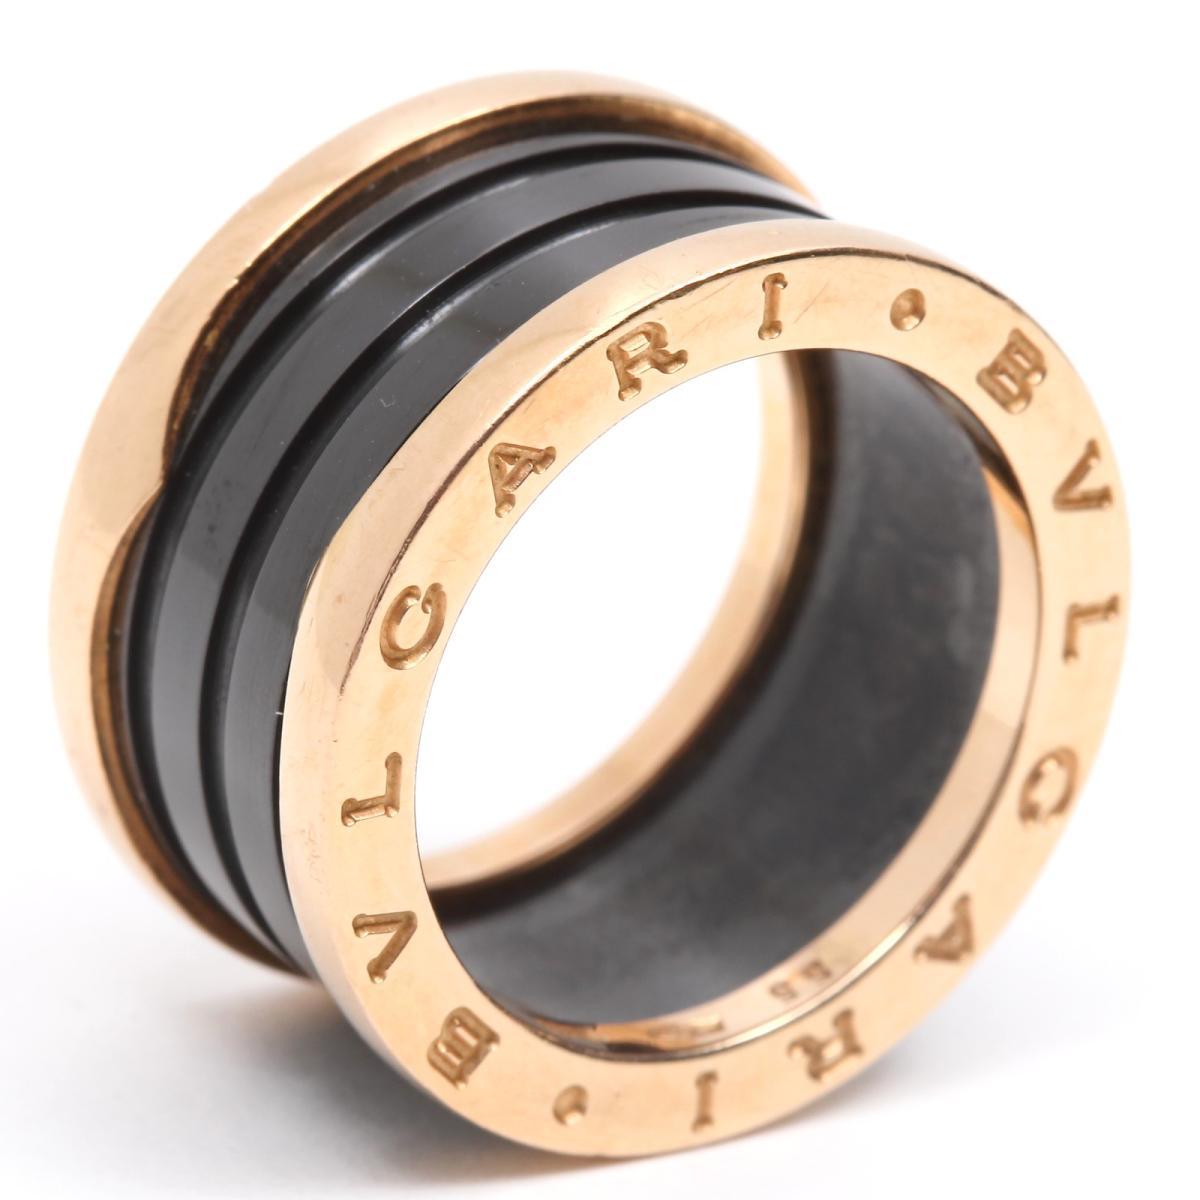 【中古】 ブルガリ B-zero1 リング Mサイズ ビーゼロワン 指輪 レディース K18PG (750) ピンクゴールド x ブラックセラミック | BVLGARI BRANDOFF ブランドオフ ブランド ジュエリー アクセサリー